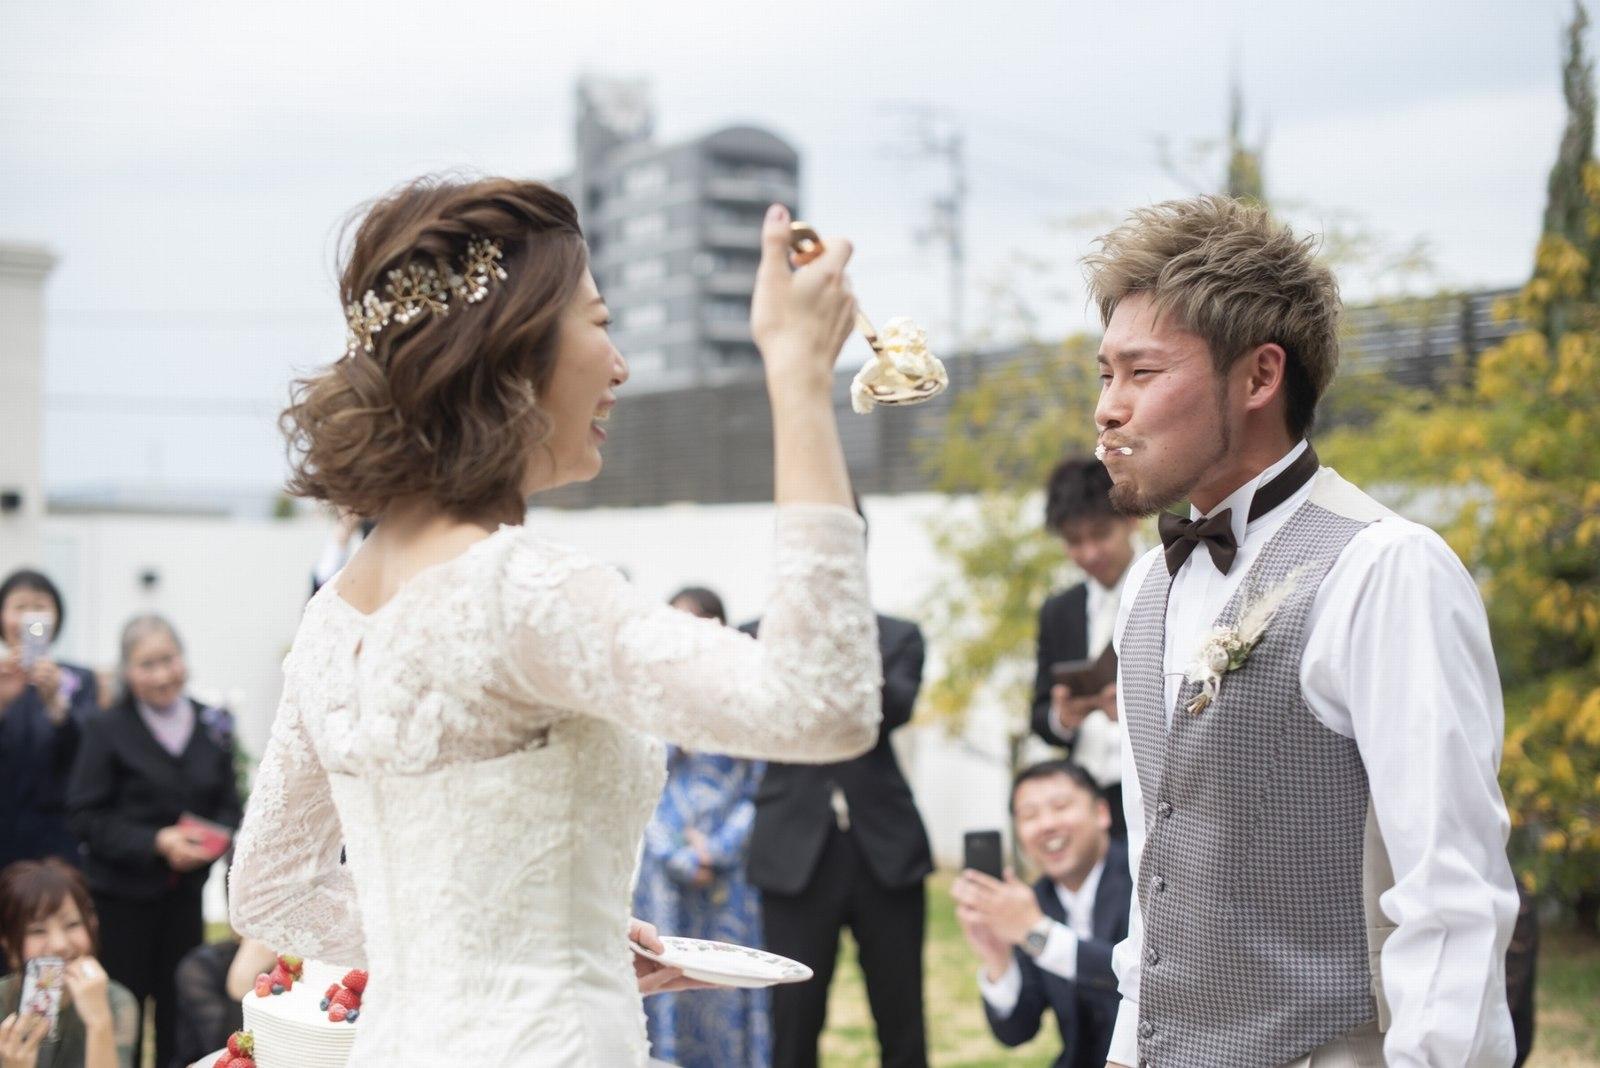 香川県の結婚式場シェルエメール&アイスタイルのファーストバイトグッズ